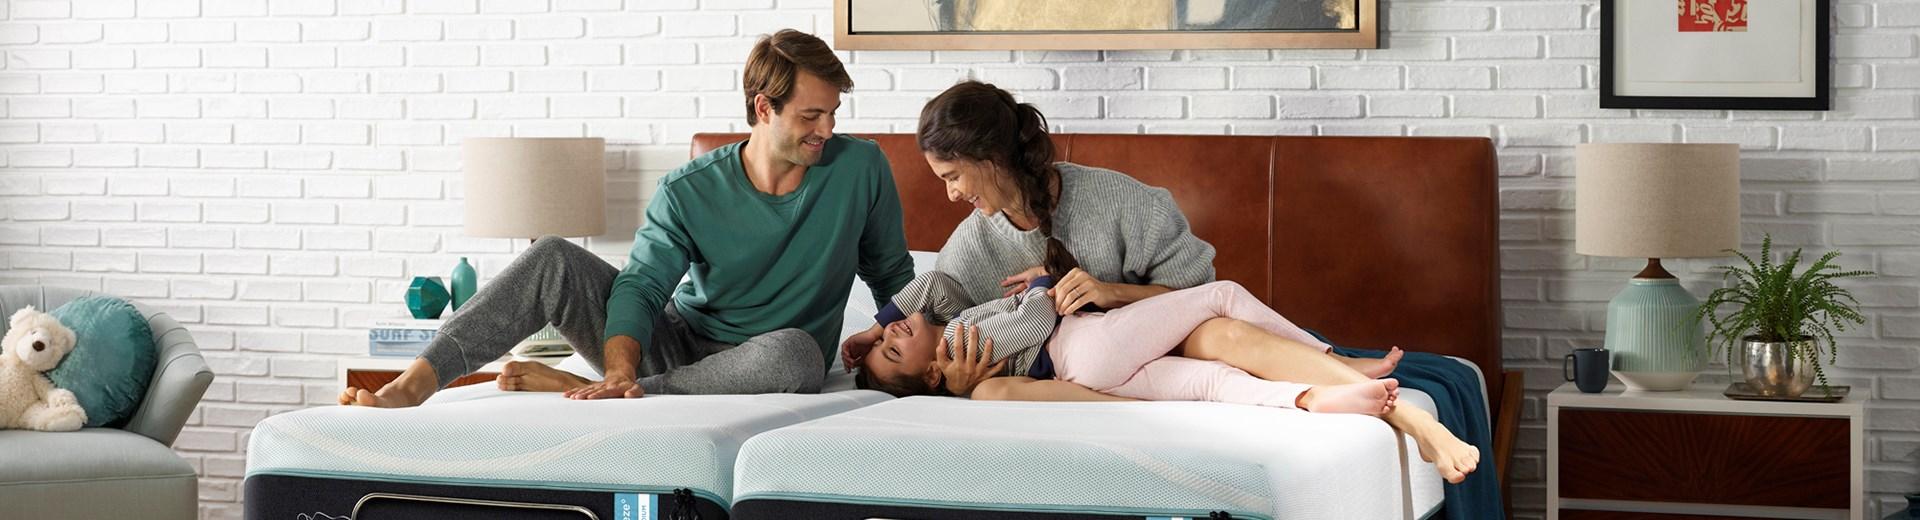 Family laying on mattress